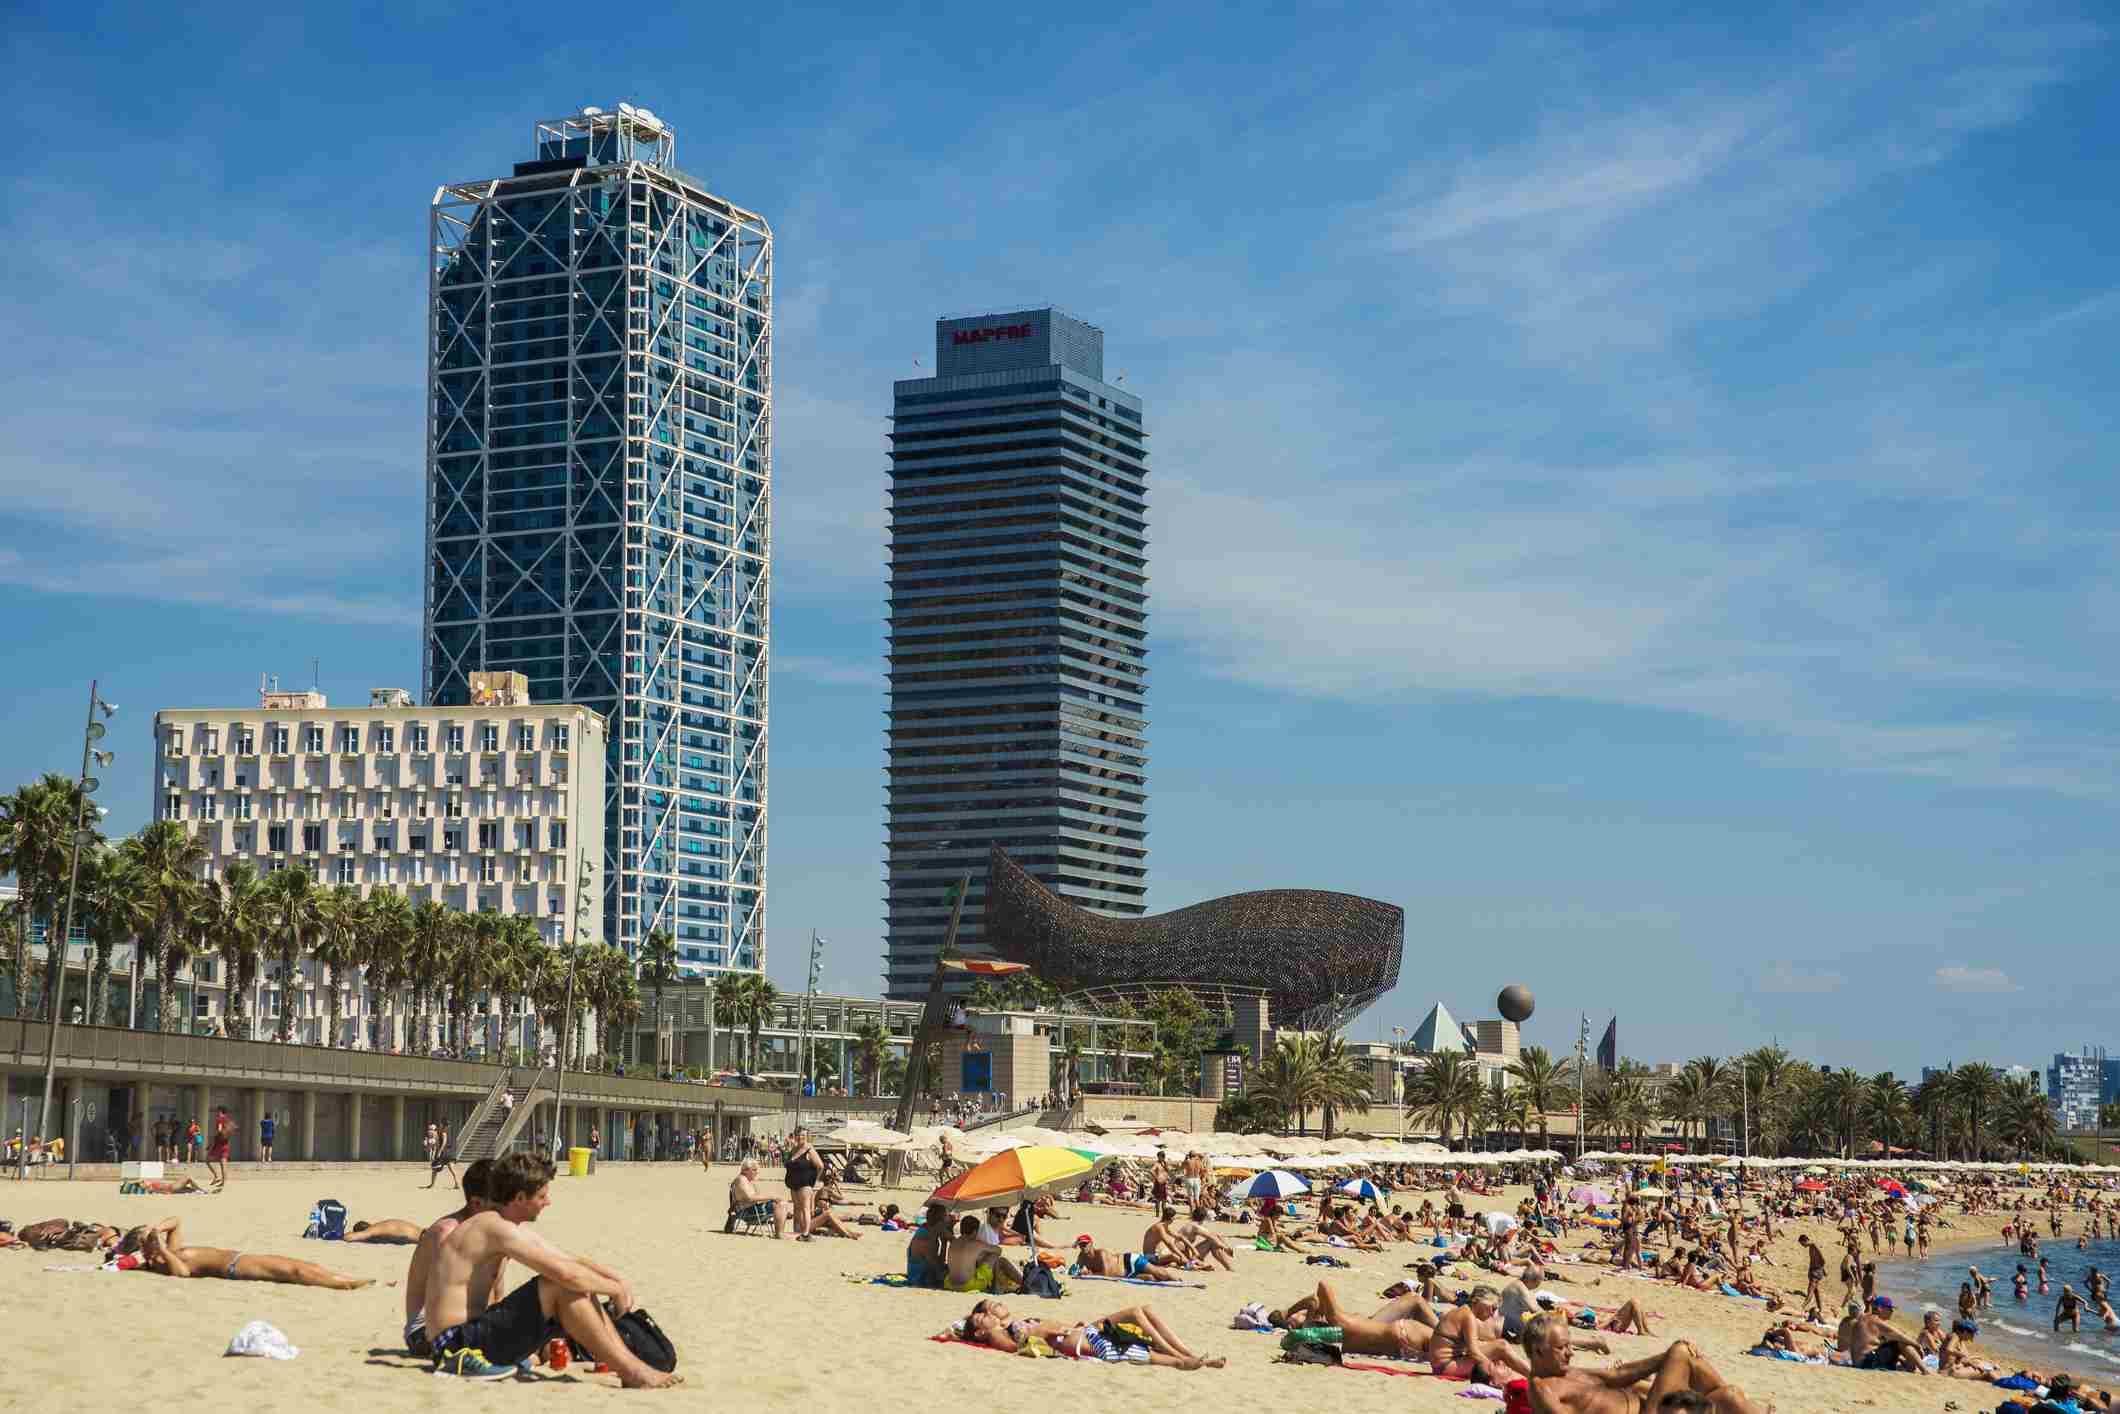 Una concurrida playa de la Barceloneta con rascacielos en la distancia